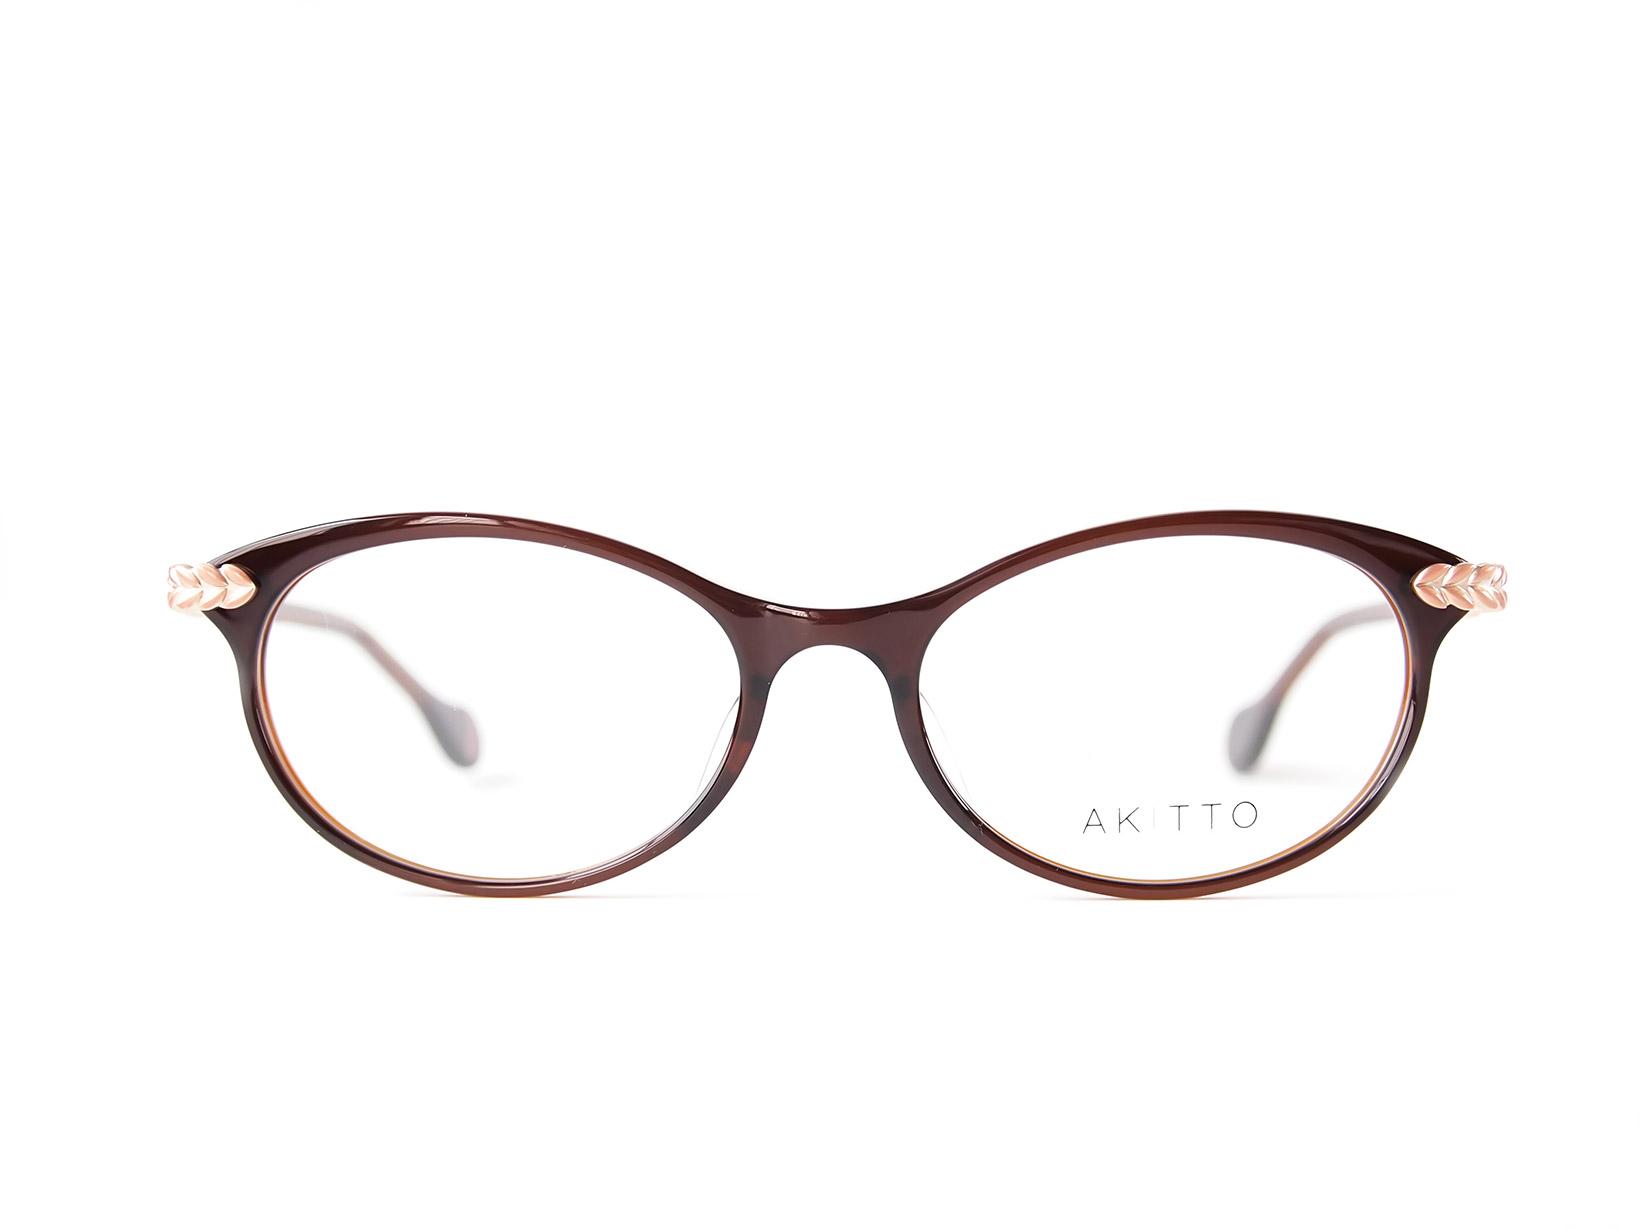 AKITTO 2016-3rd rey-p size:51□17 material:acetate+titanium price:44,500-(+tax)